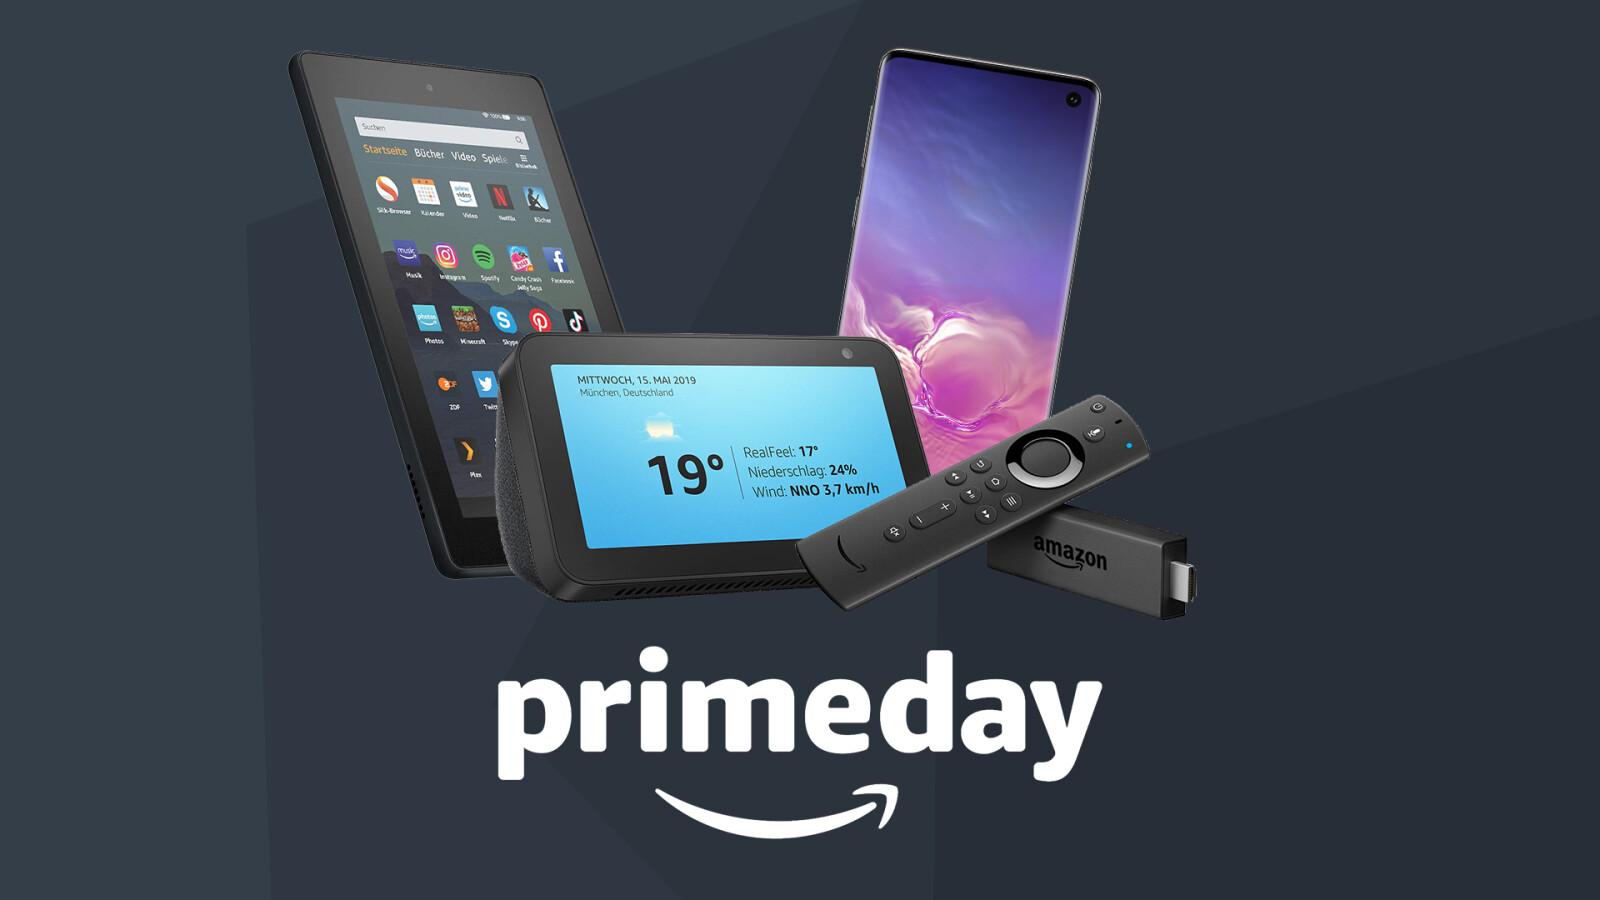 efdd03bd5ba9a0 Amazon Prime Day Deals: Diese Angebote sind keine Preisfehler - NETZWELT